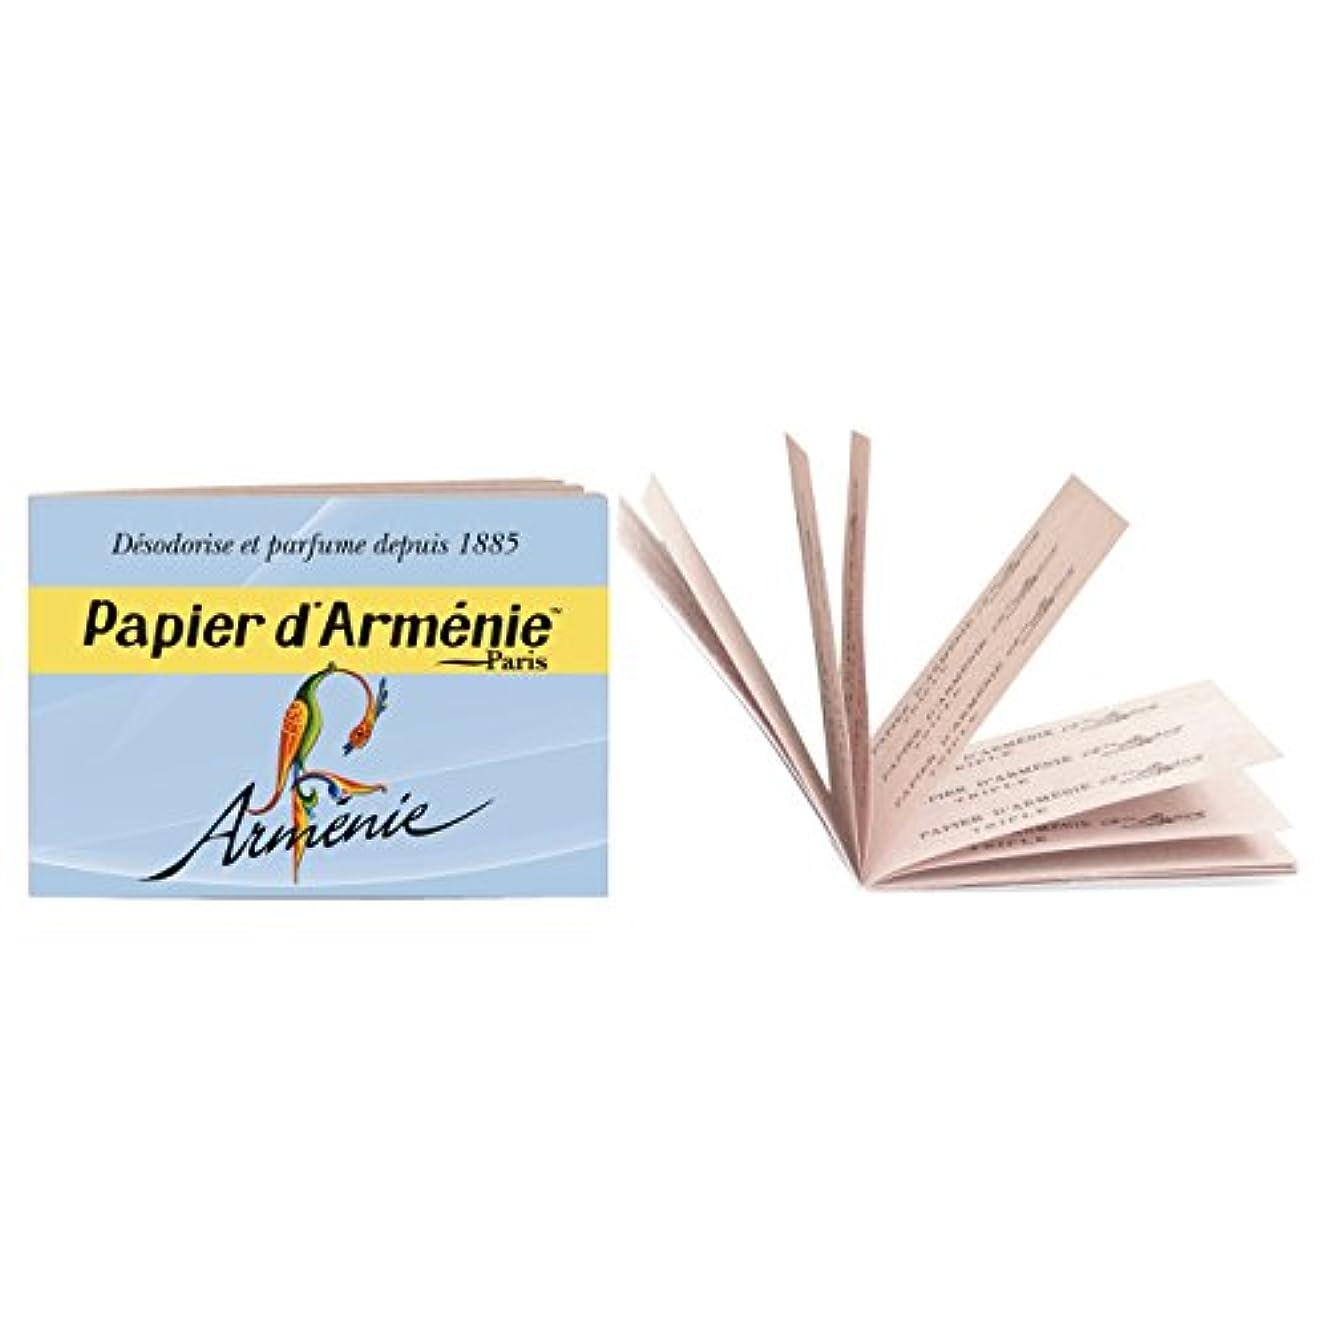 楽なパンフレットボトルネックパピエダルメニイ トリプル アルメニイ (紙のお香 3×12枚/36回分)